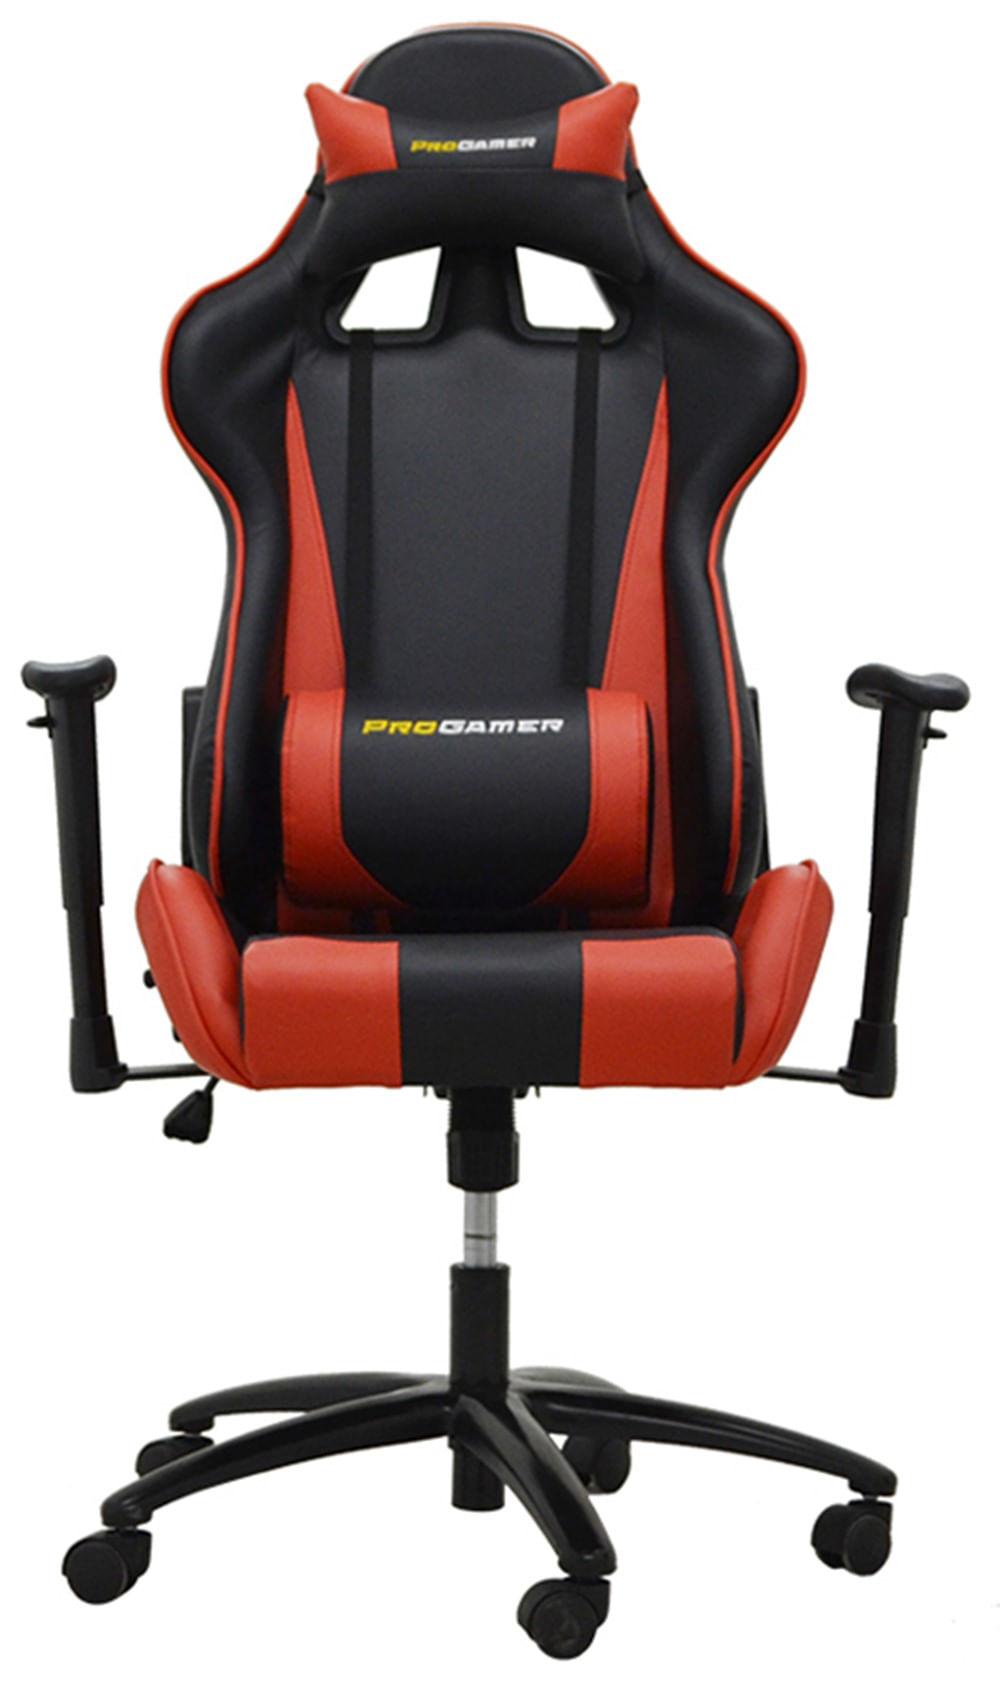 Cadeira Office Pro Gamer V2 em PU Preta e Vermelha - 27709